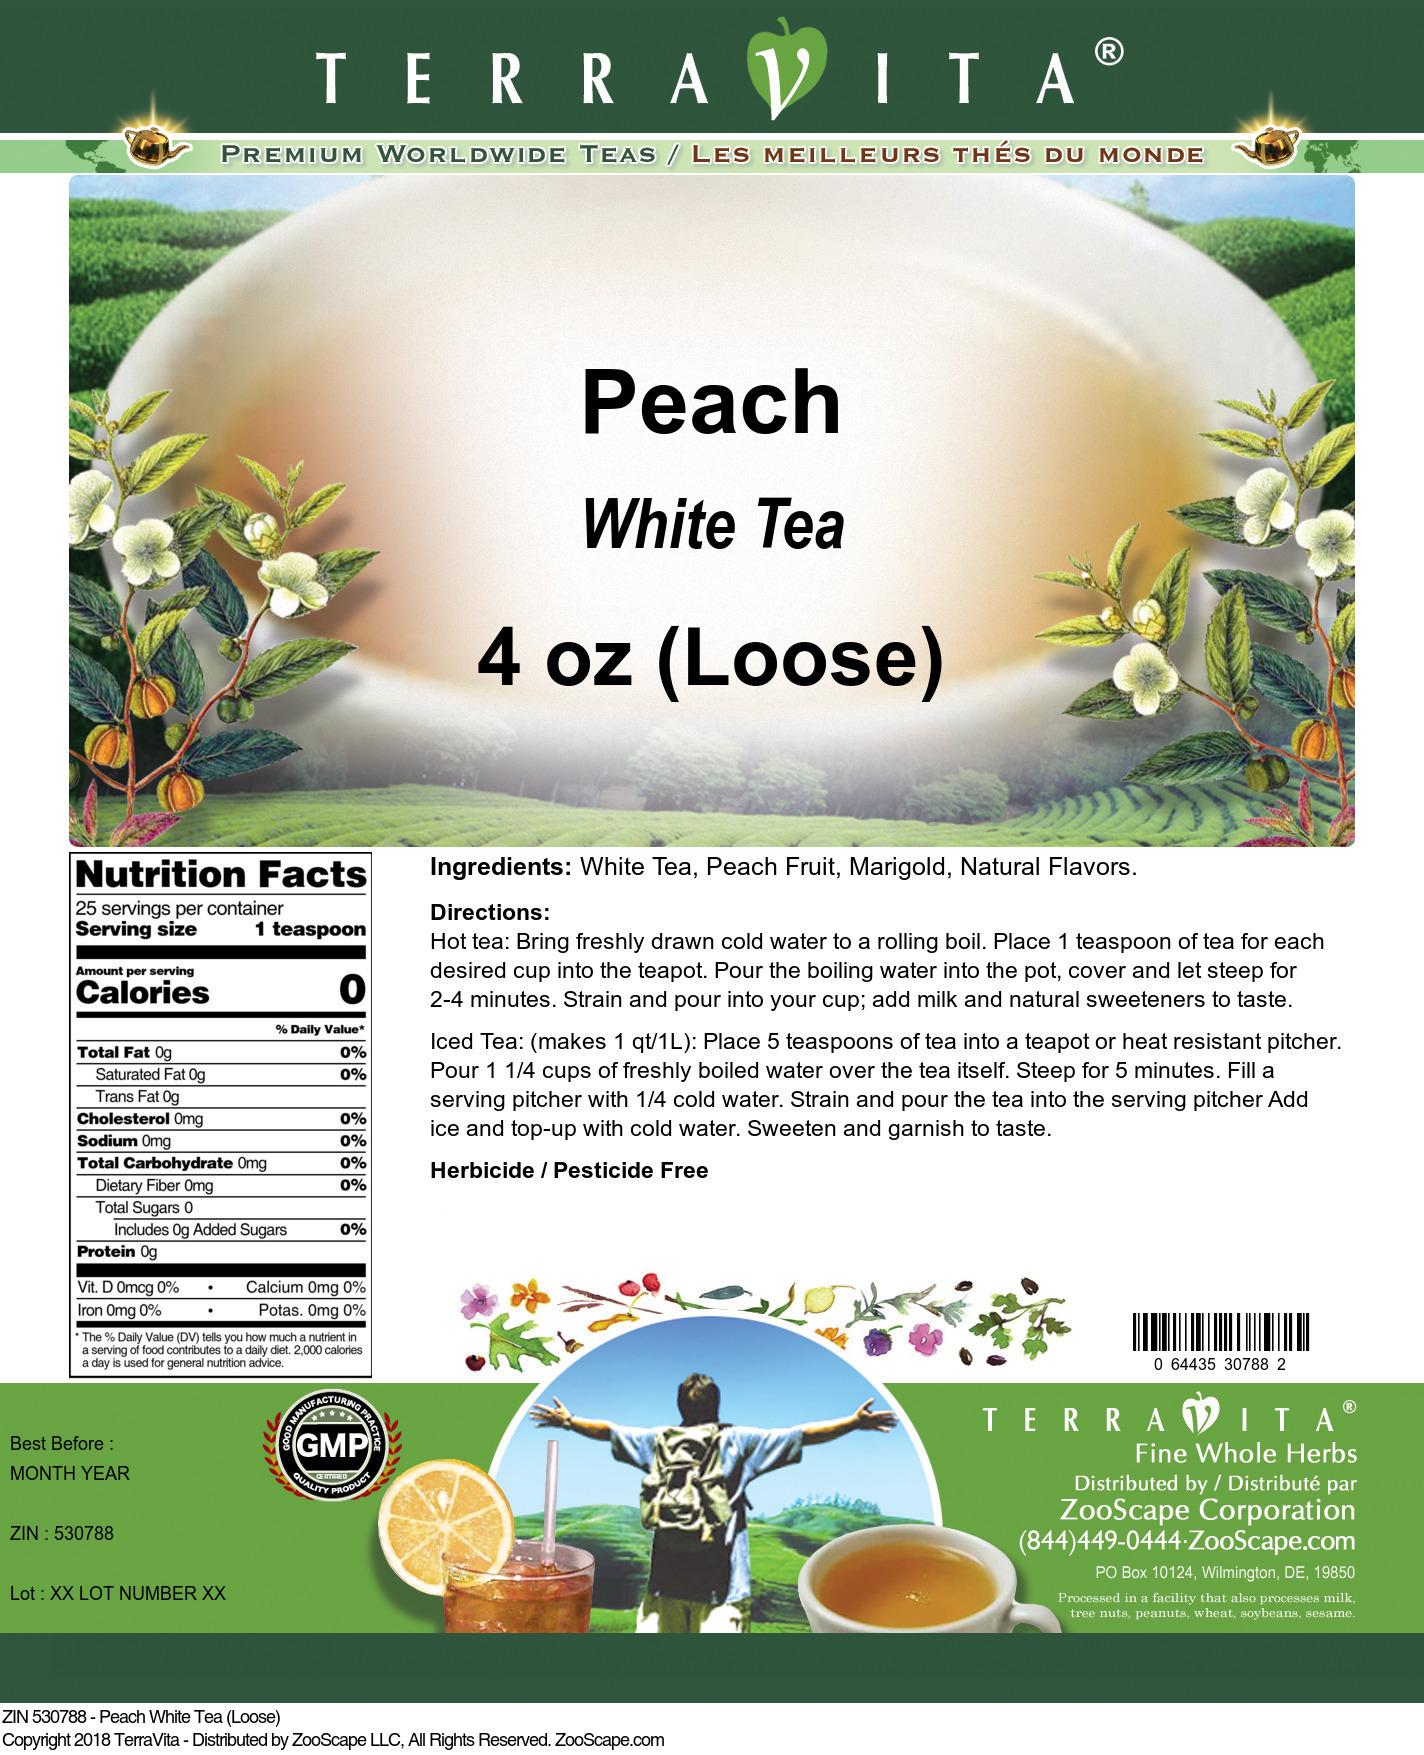 Peach White Tea (Loose)